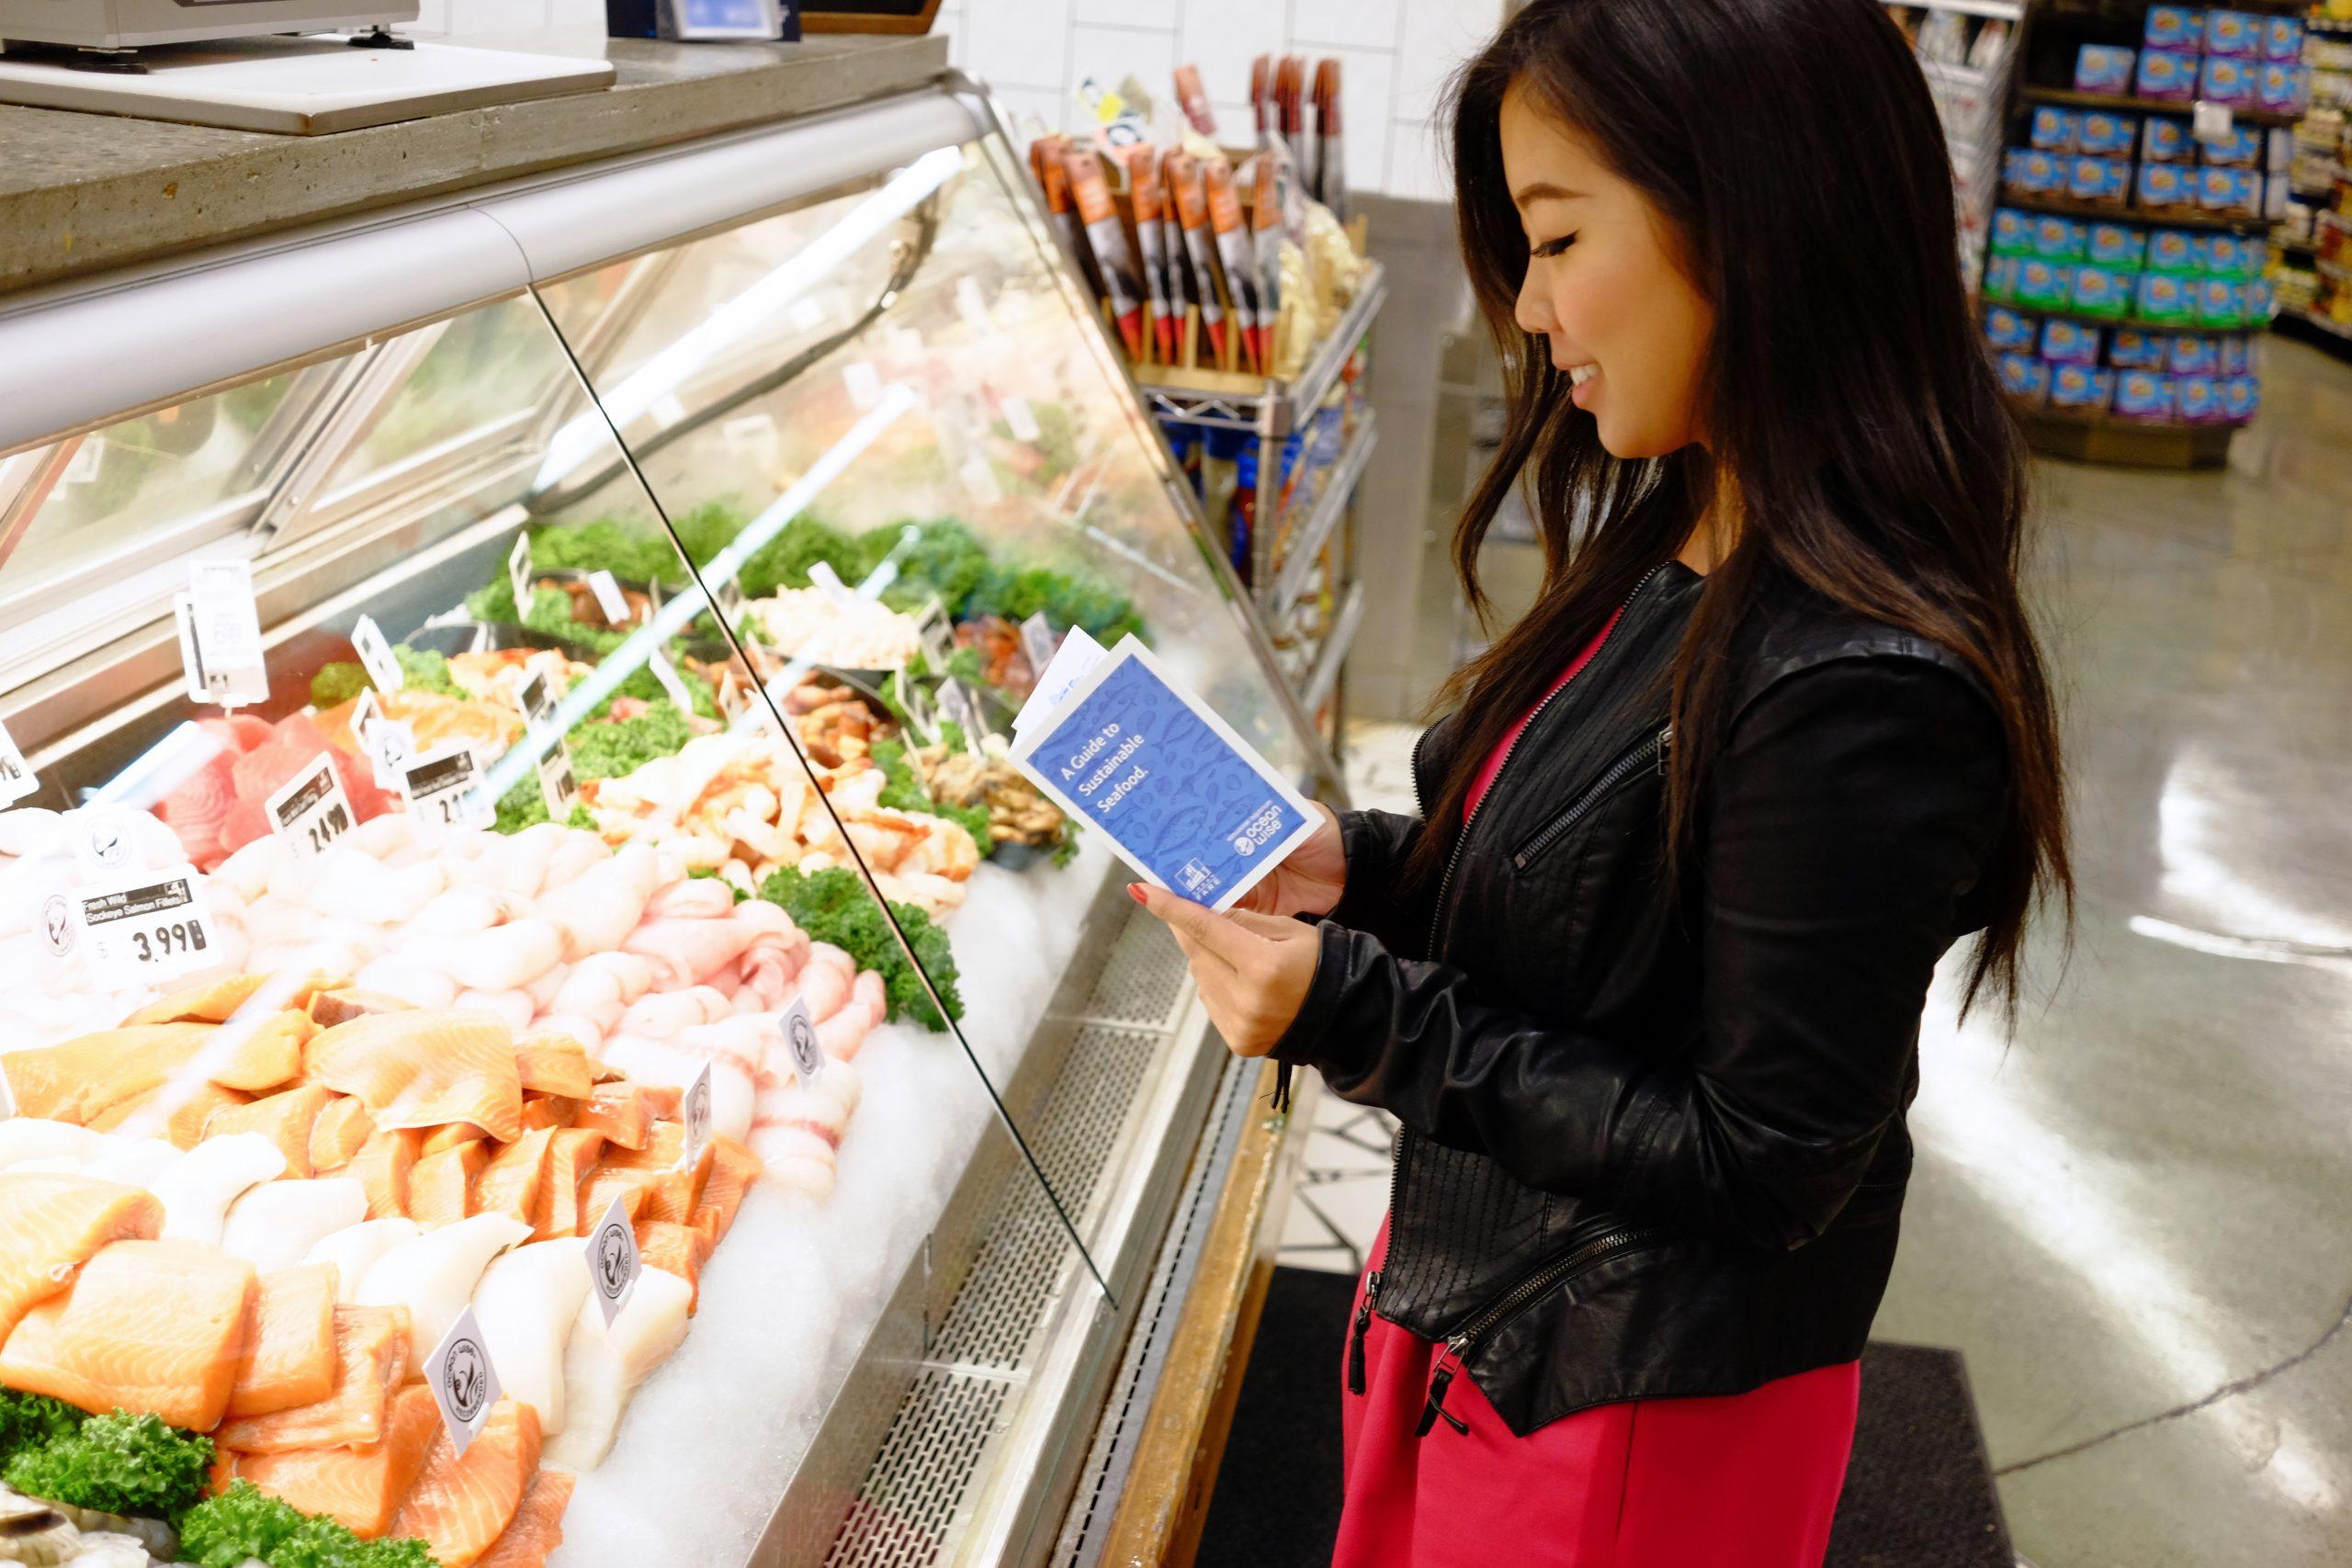 Poissons et fruits de mer: comment faire de meilleurs choix?